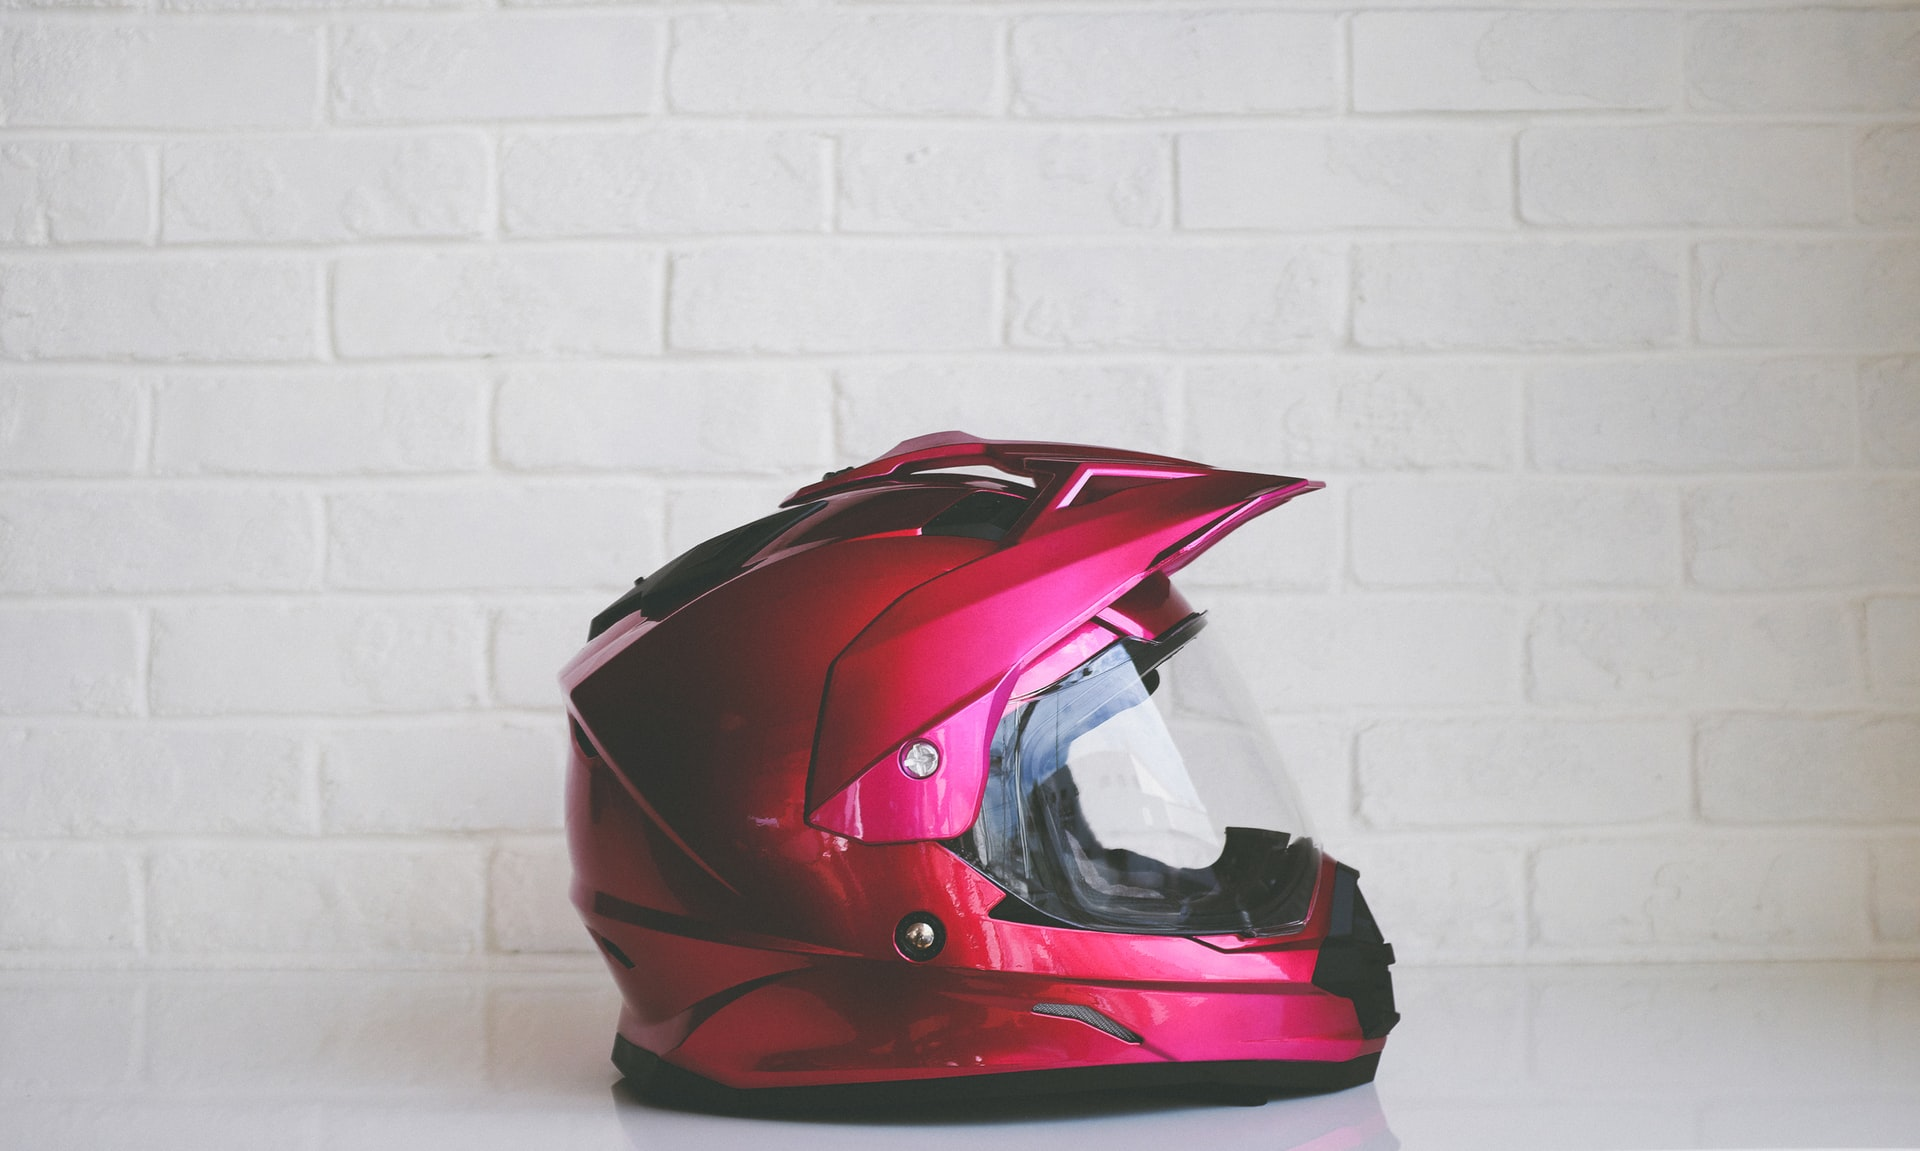 Comment choisir une assurance pour ma moto électrique ? 16